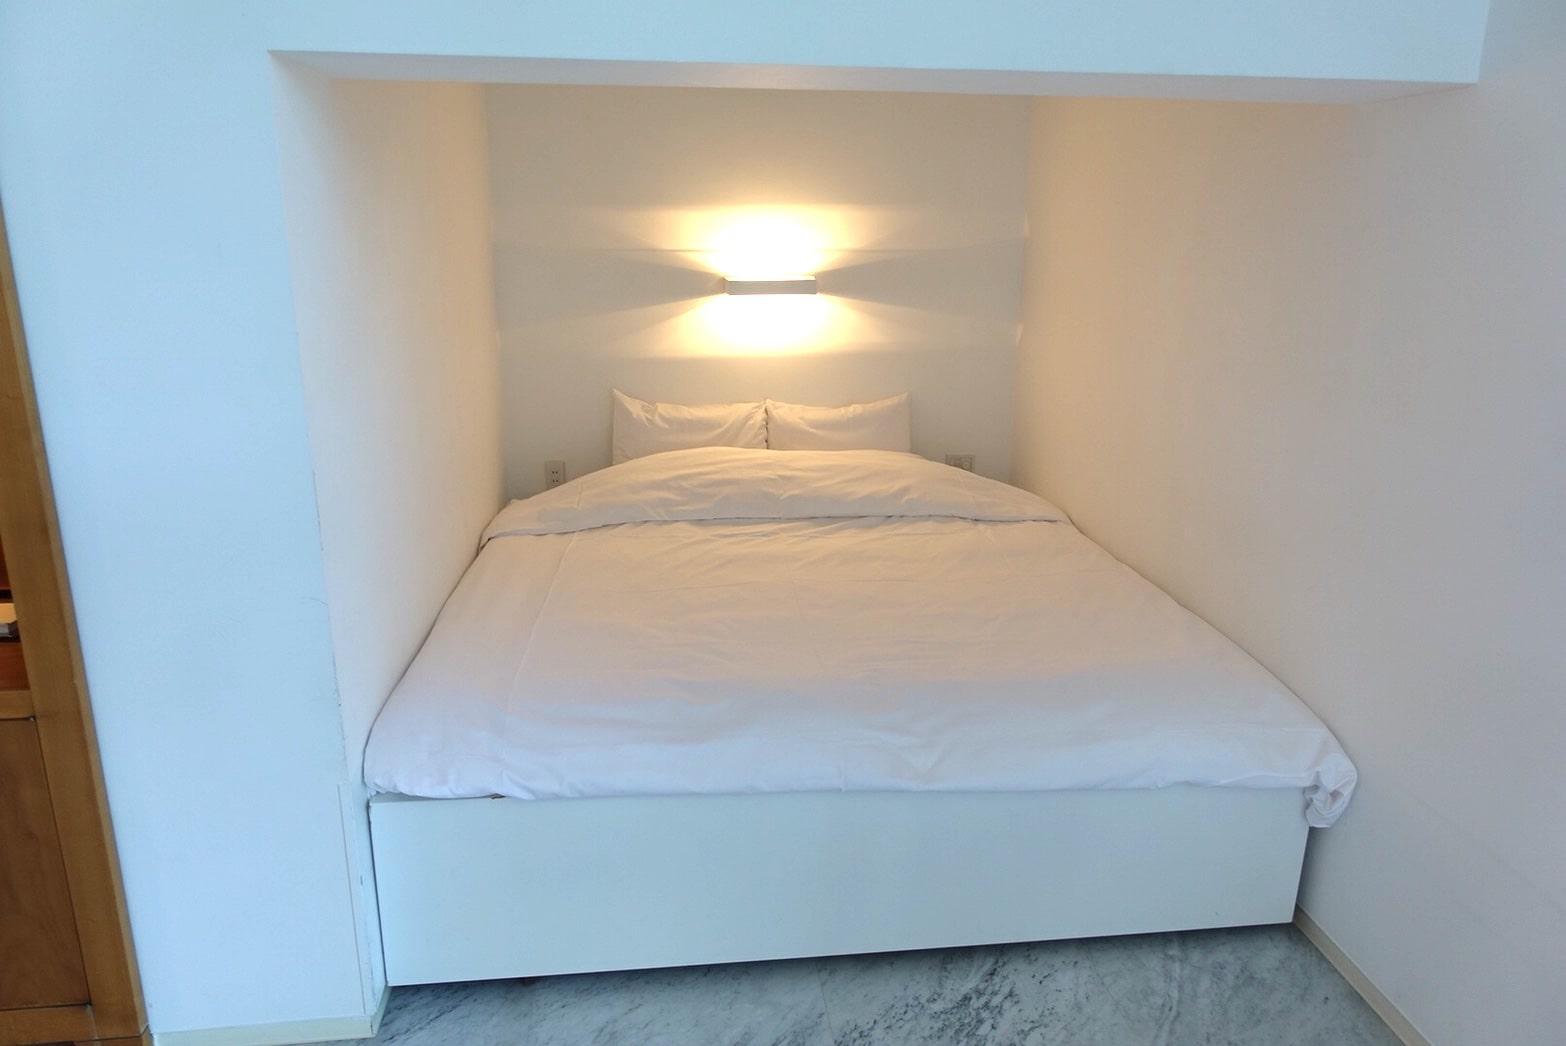 ホテルブレストンコートのベッド